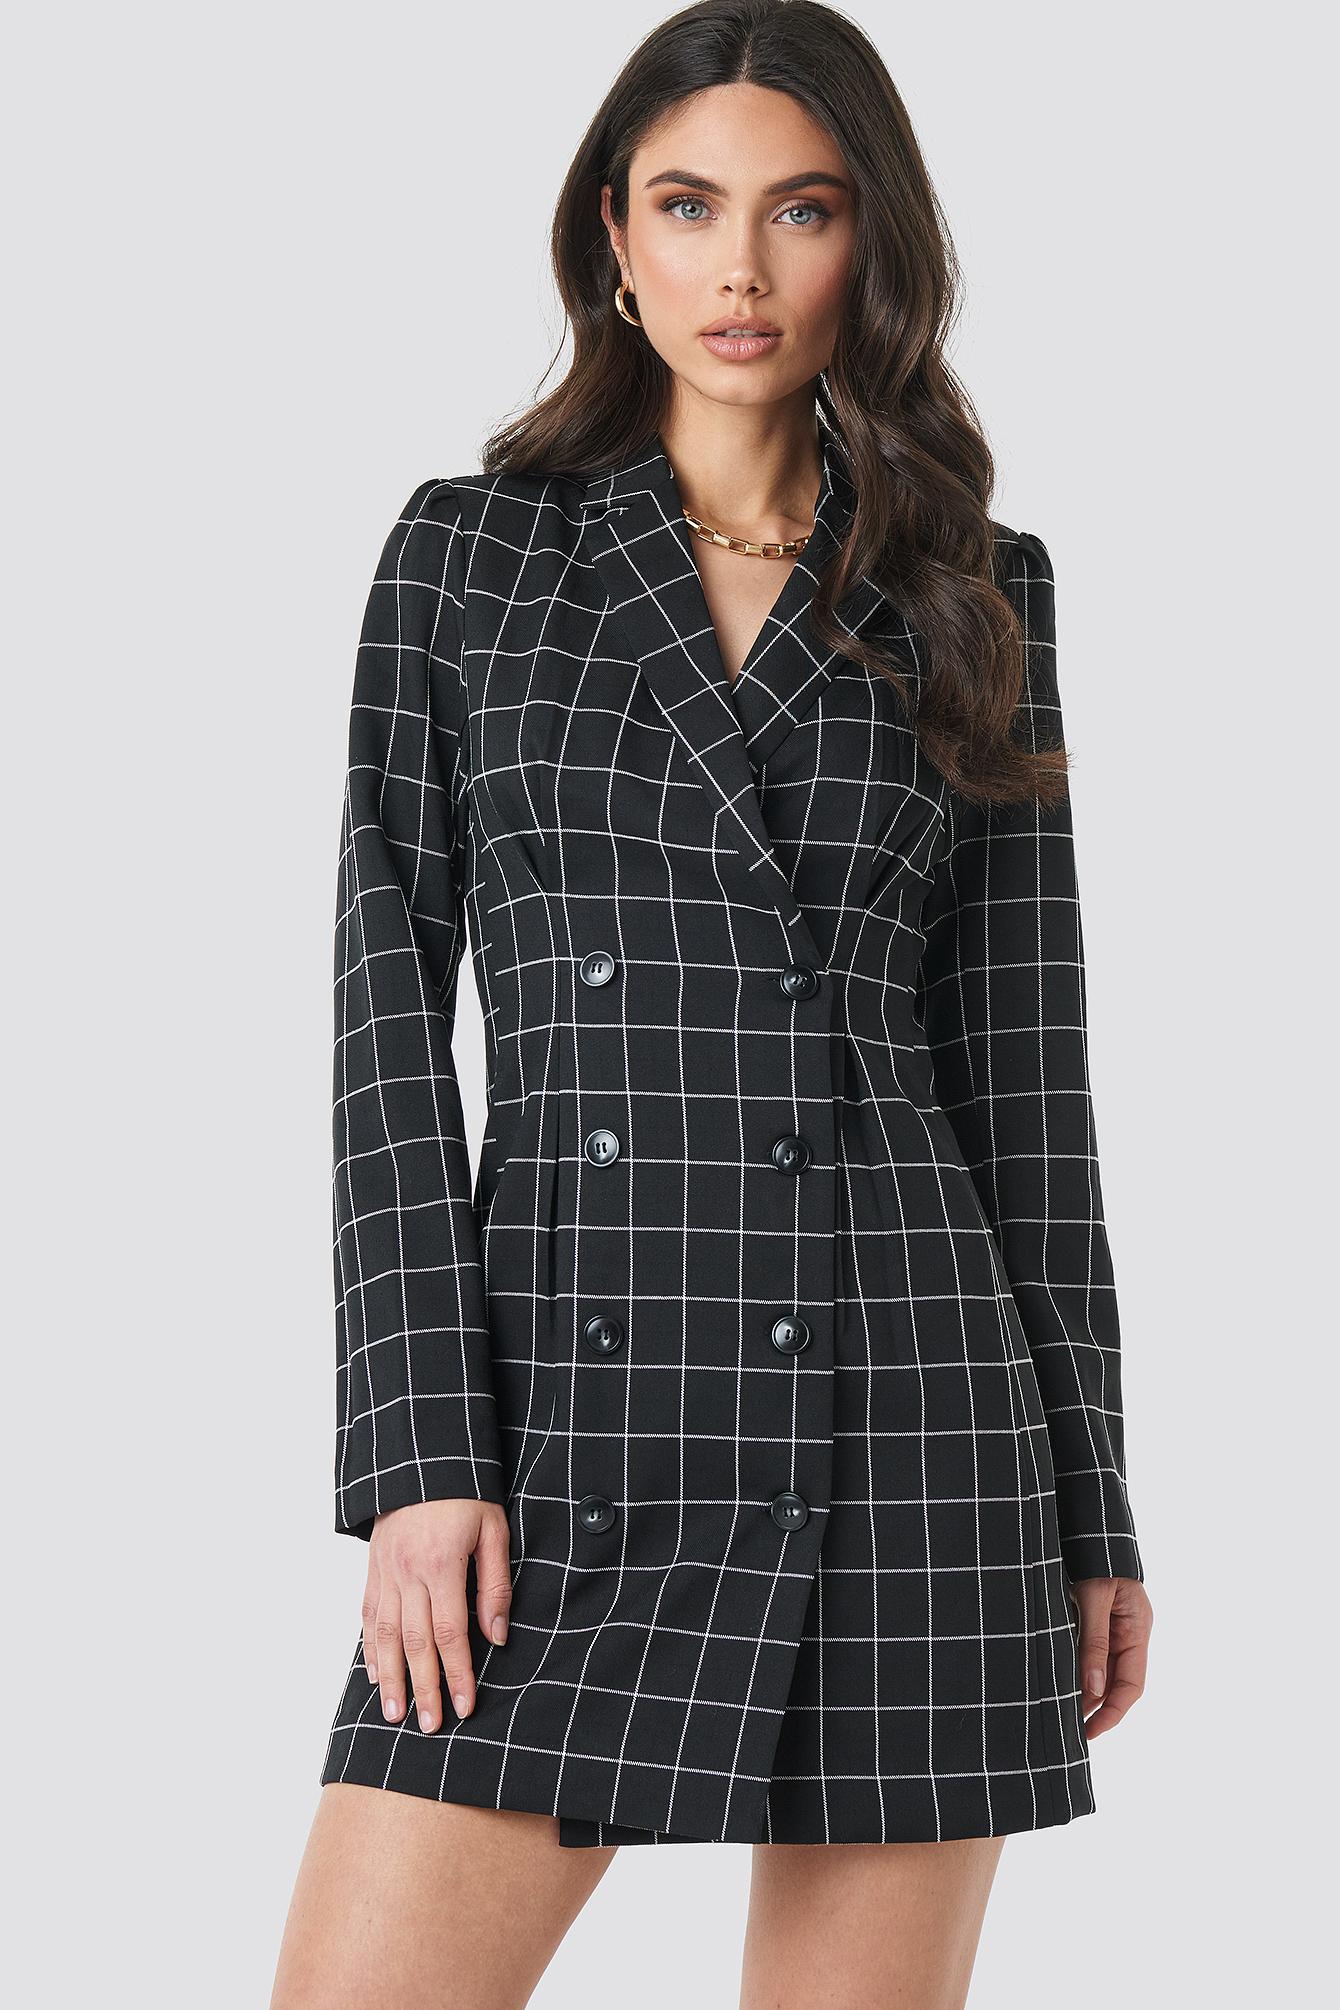 Big Check Blazer Dress Schwarz by Nakdclassic